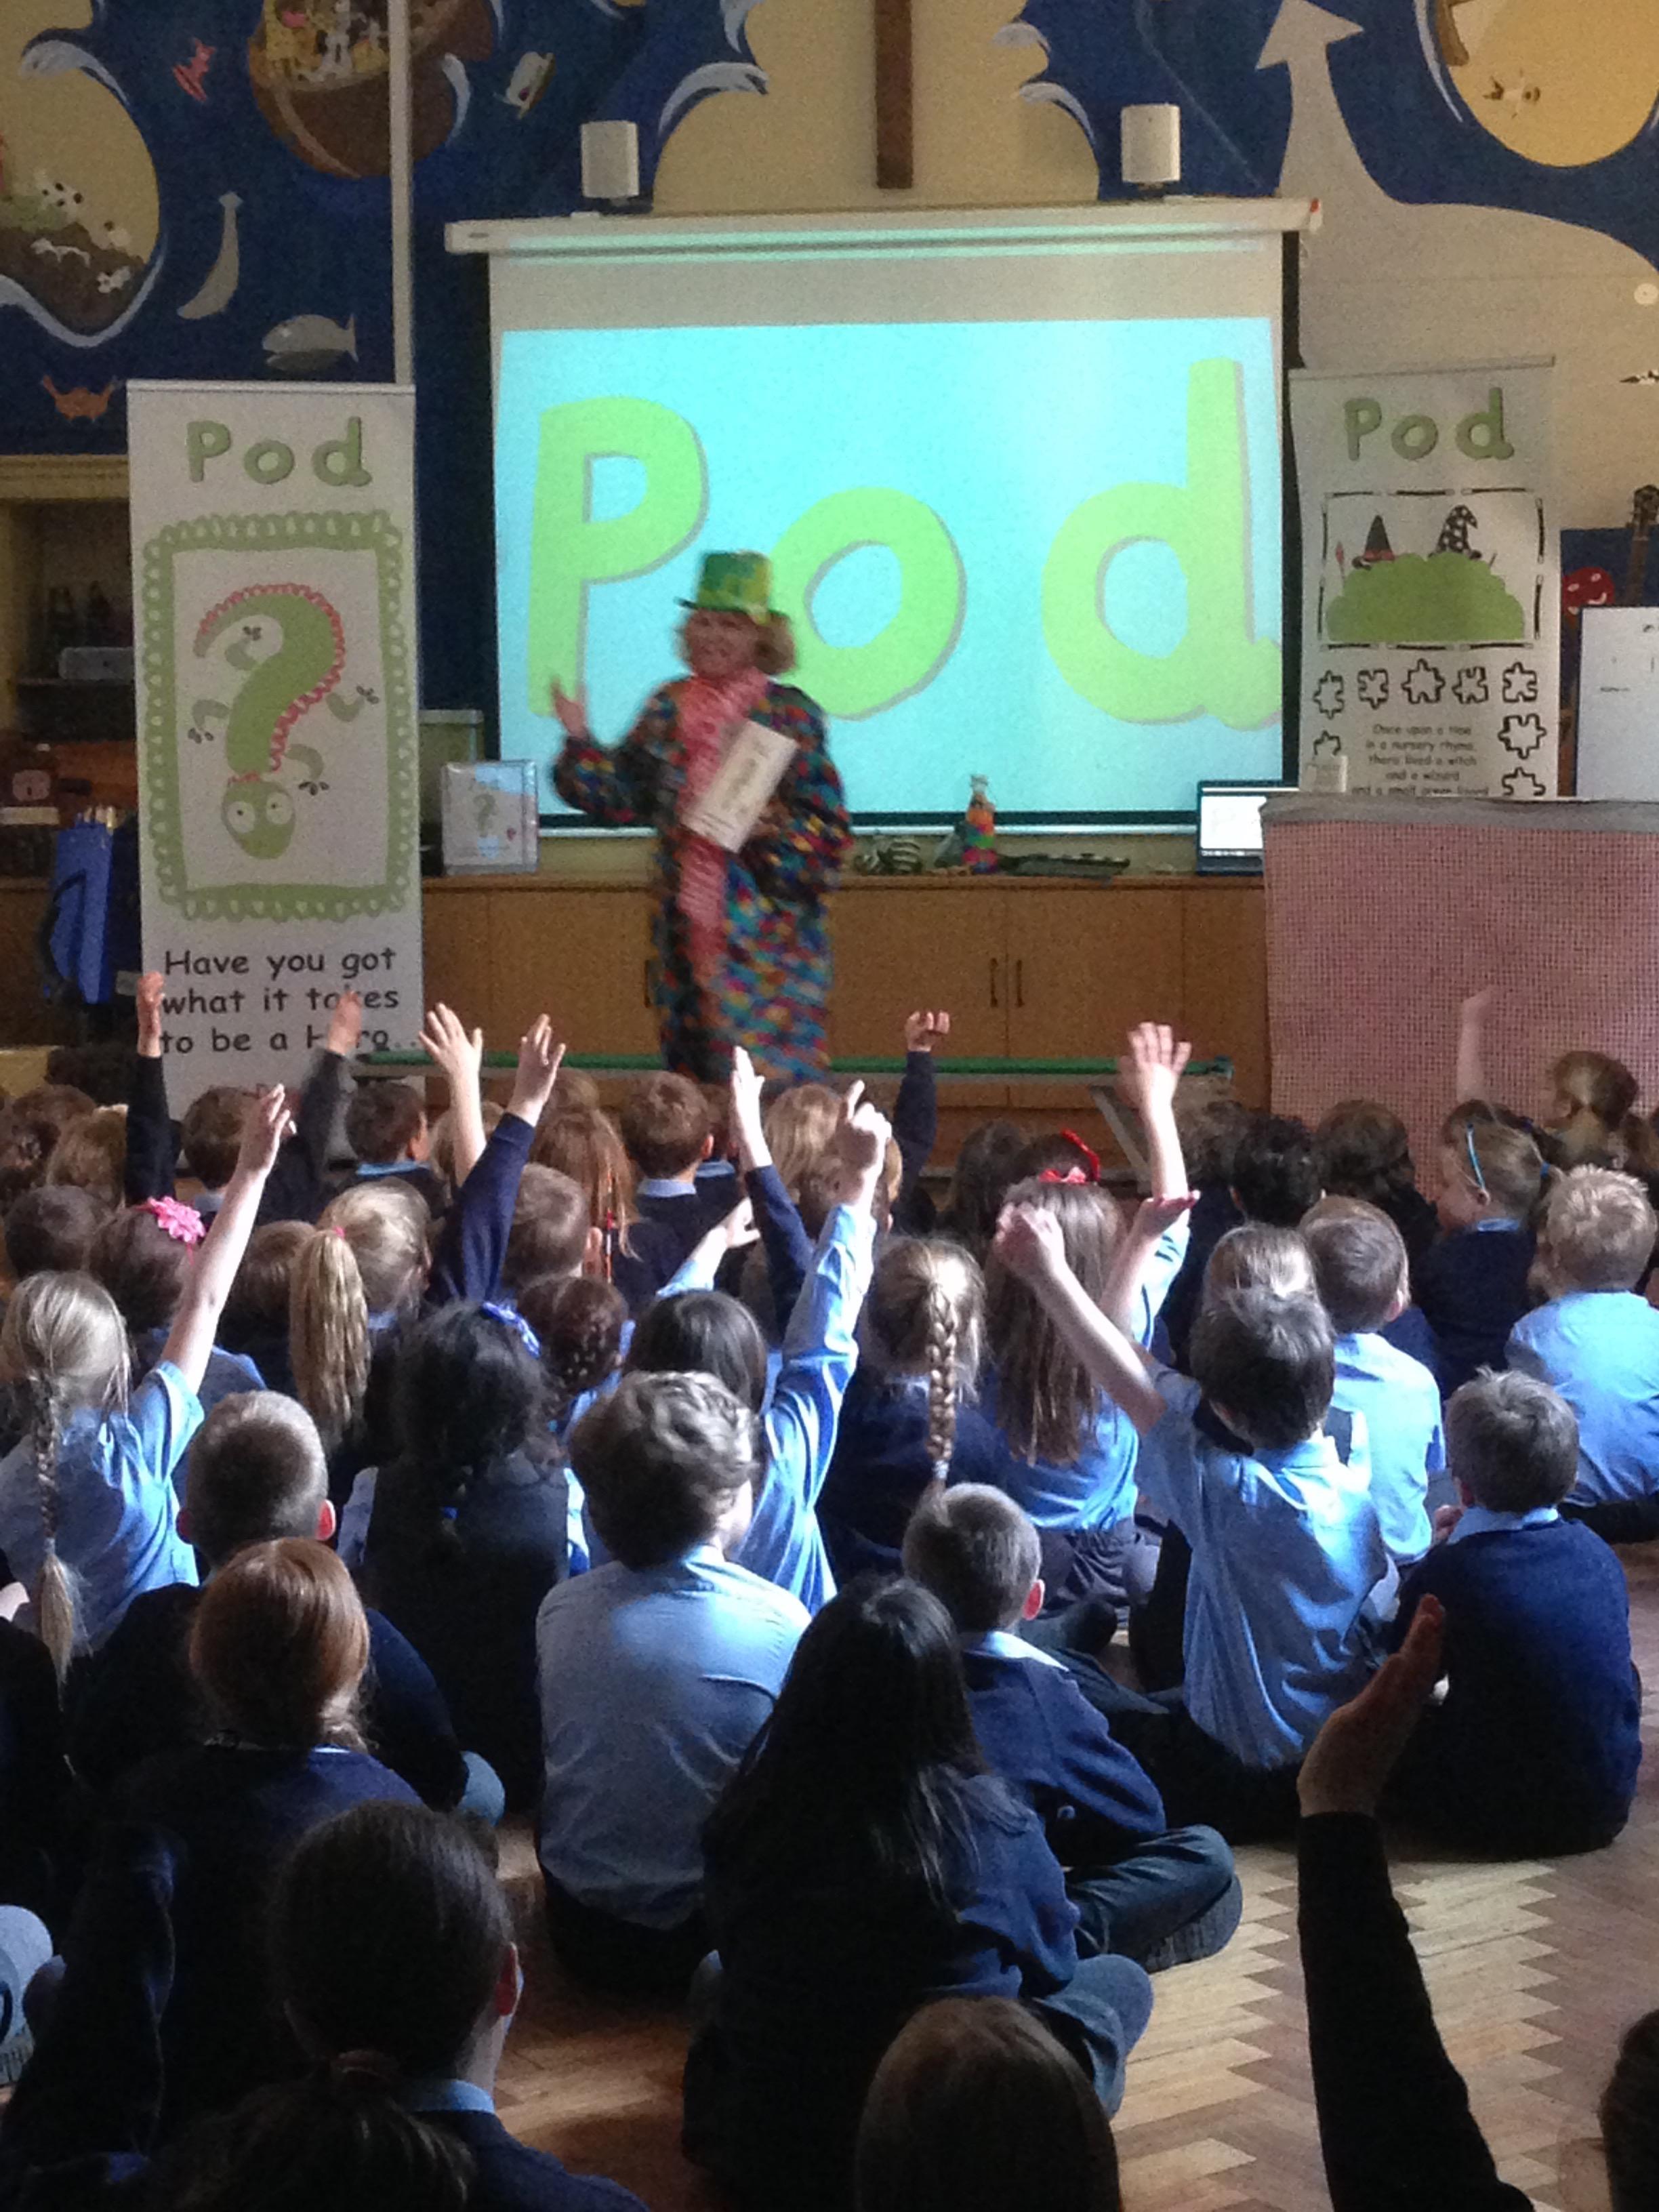 Pod at Schools